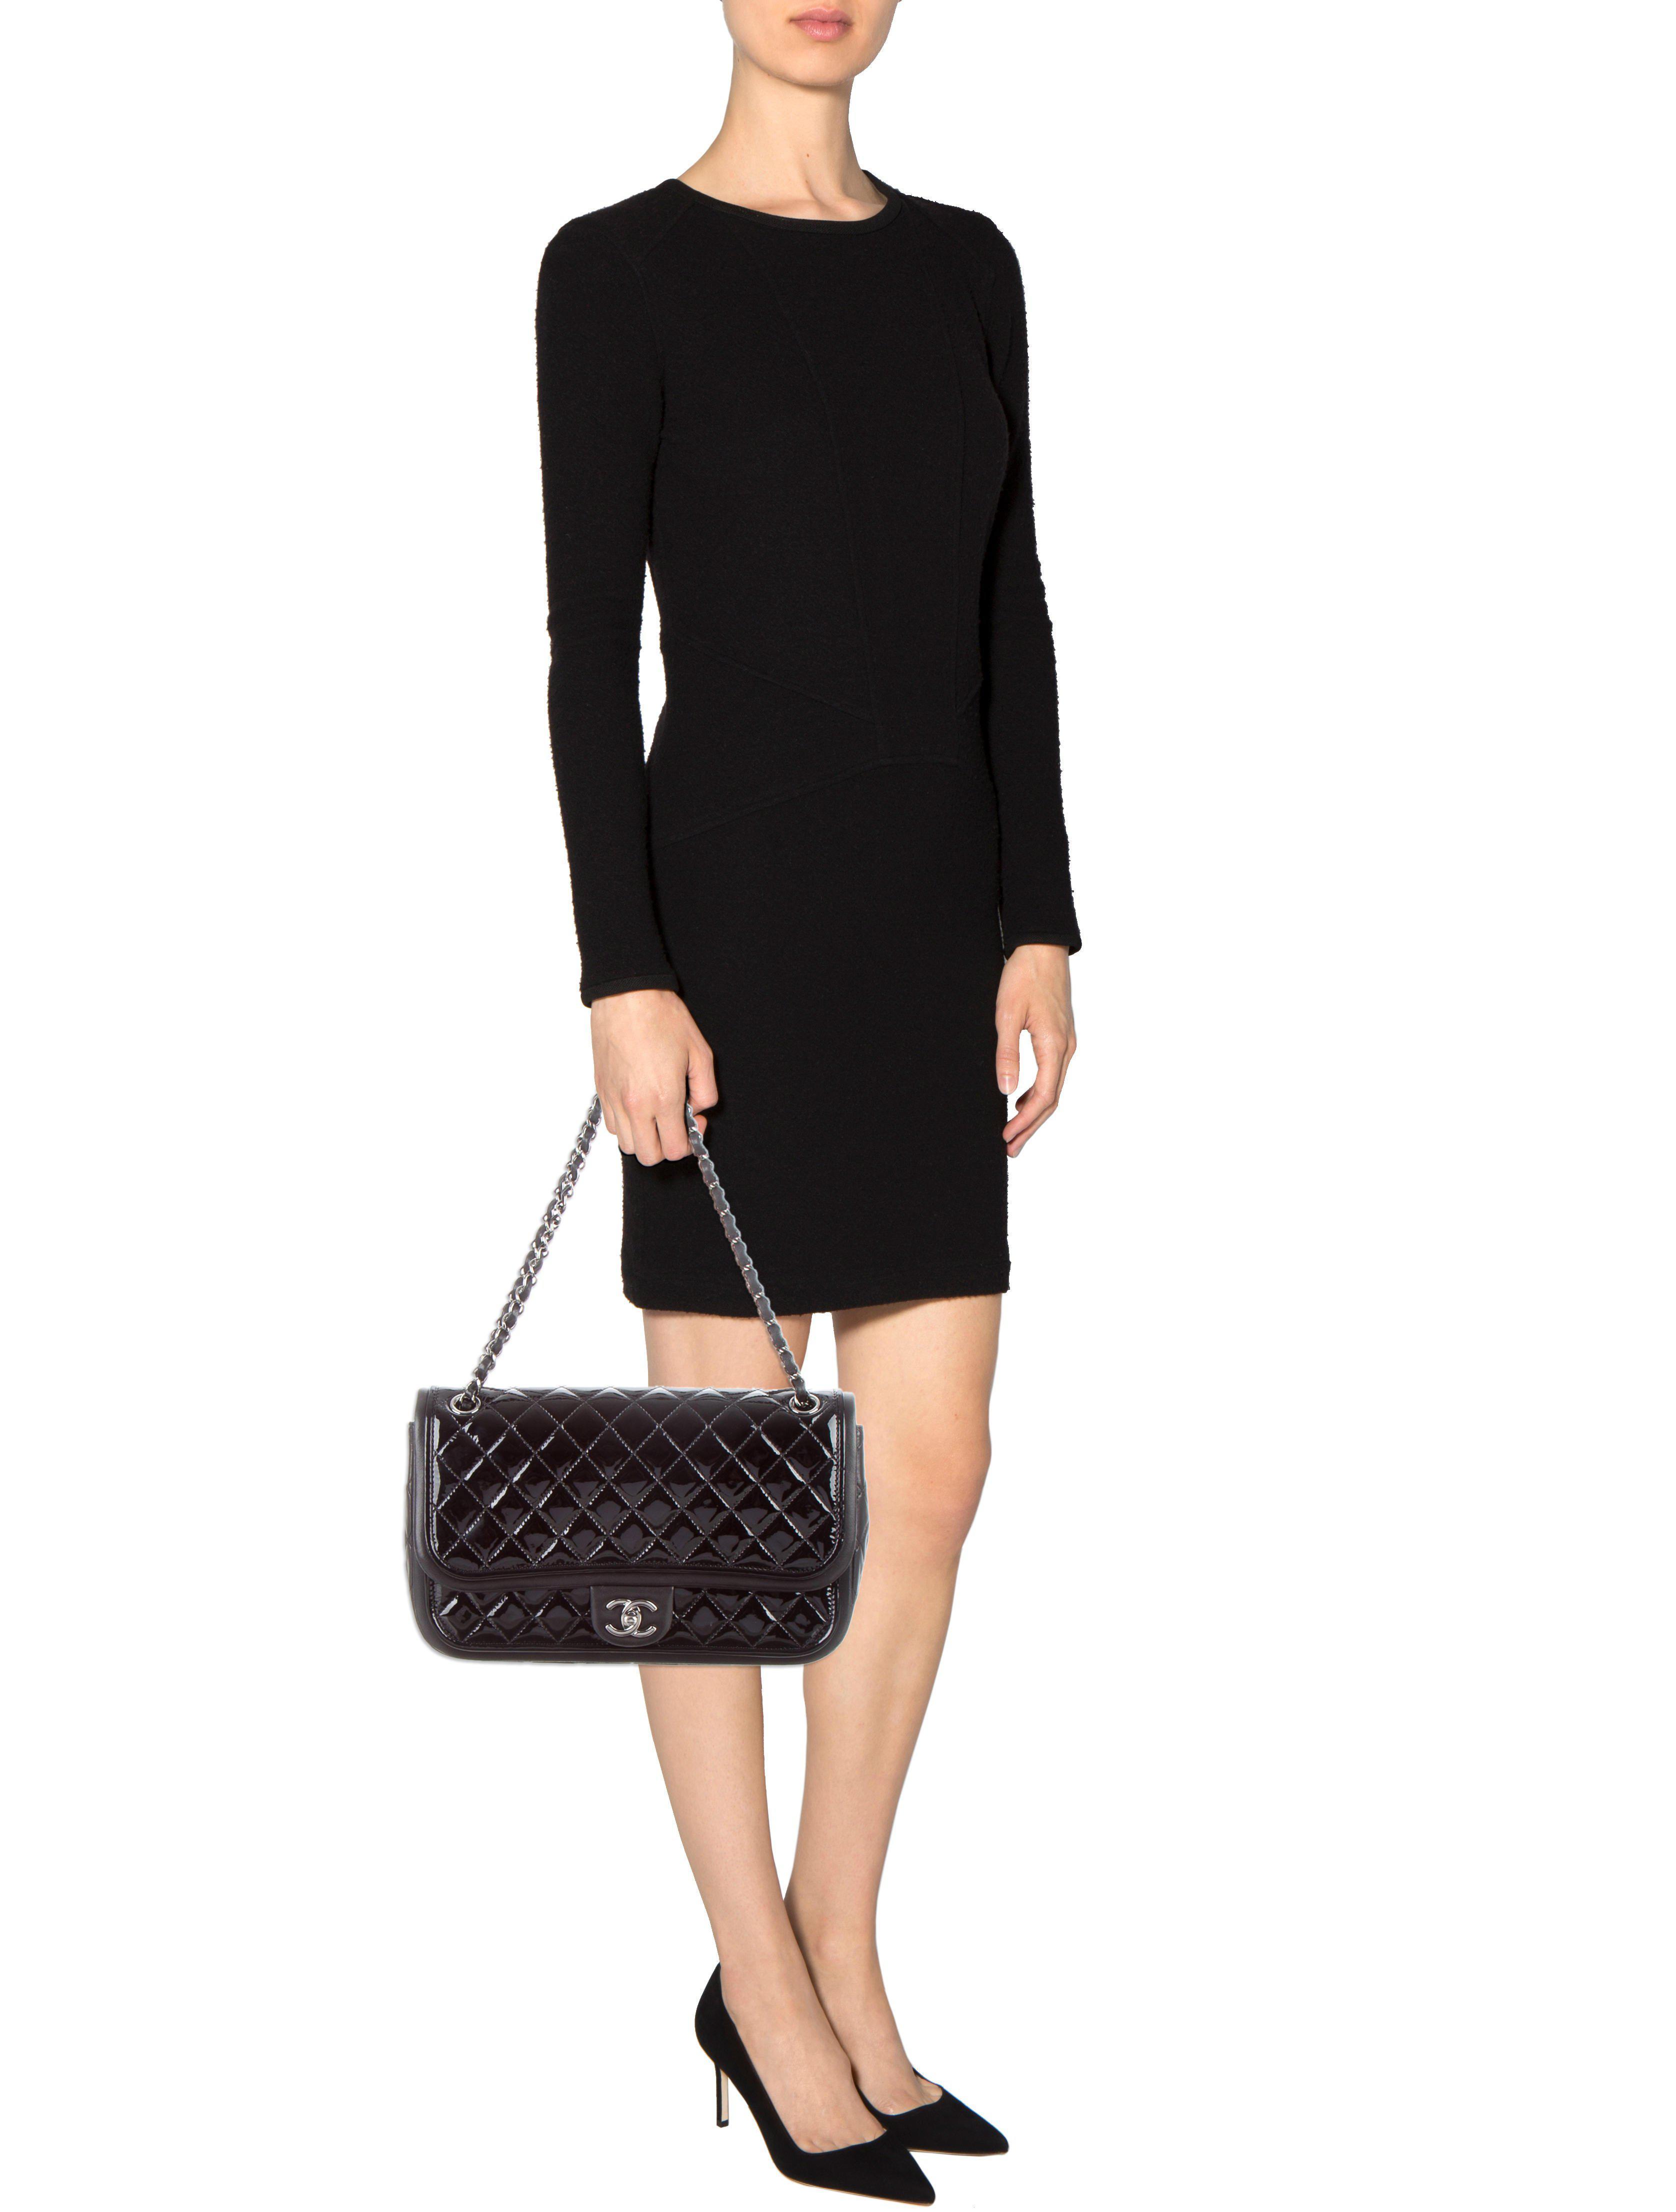 76a45b6dc1 Lyst - Chanel Classic Twist Flap Bag in Black